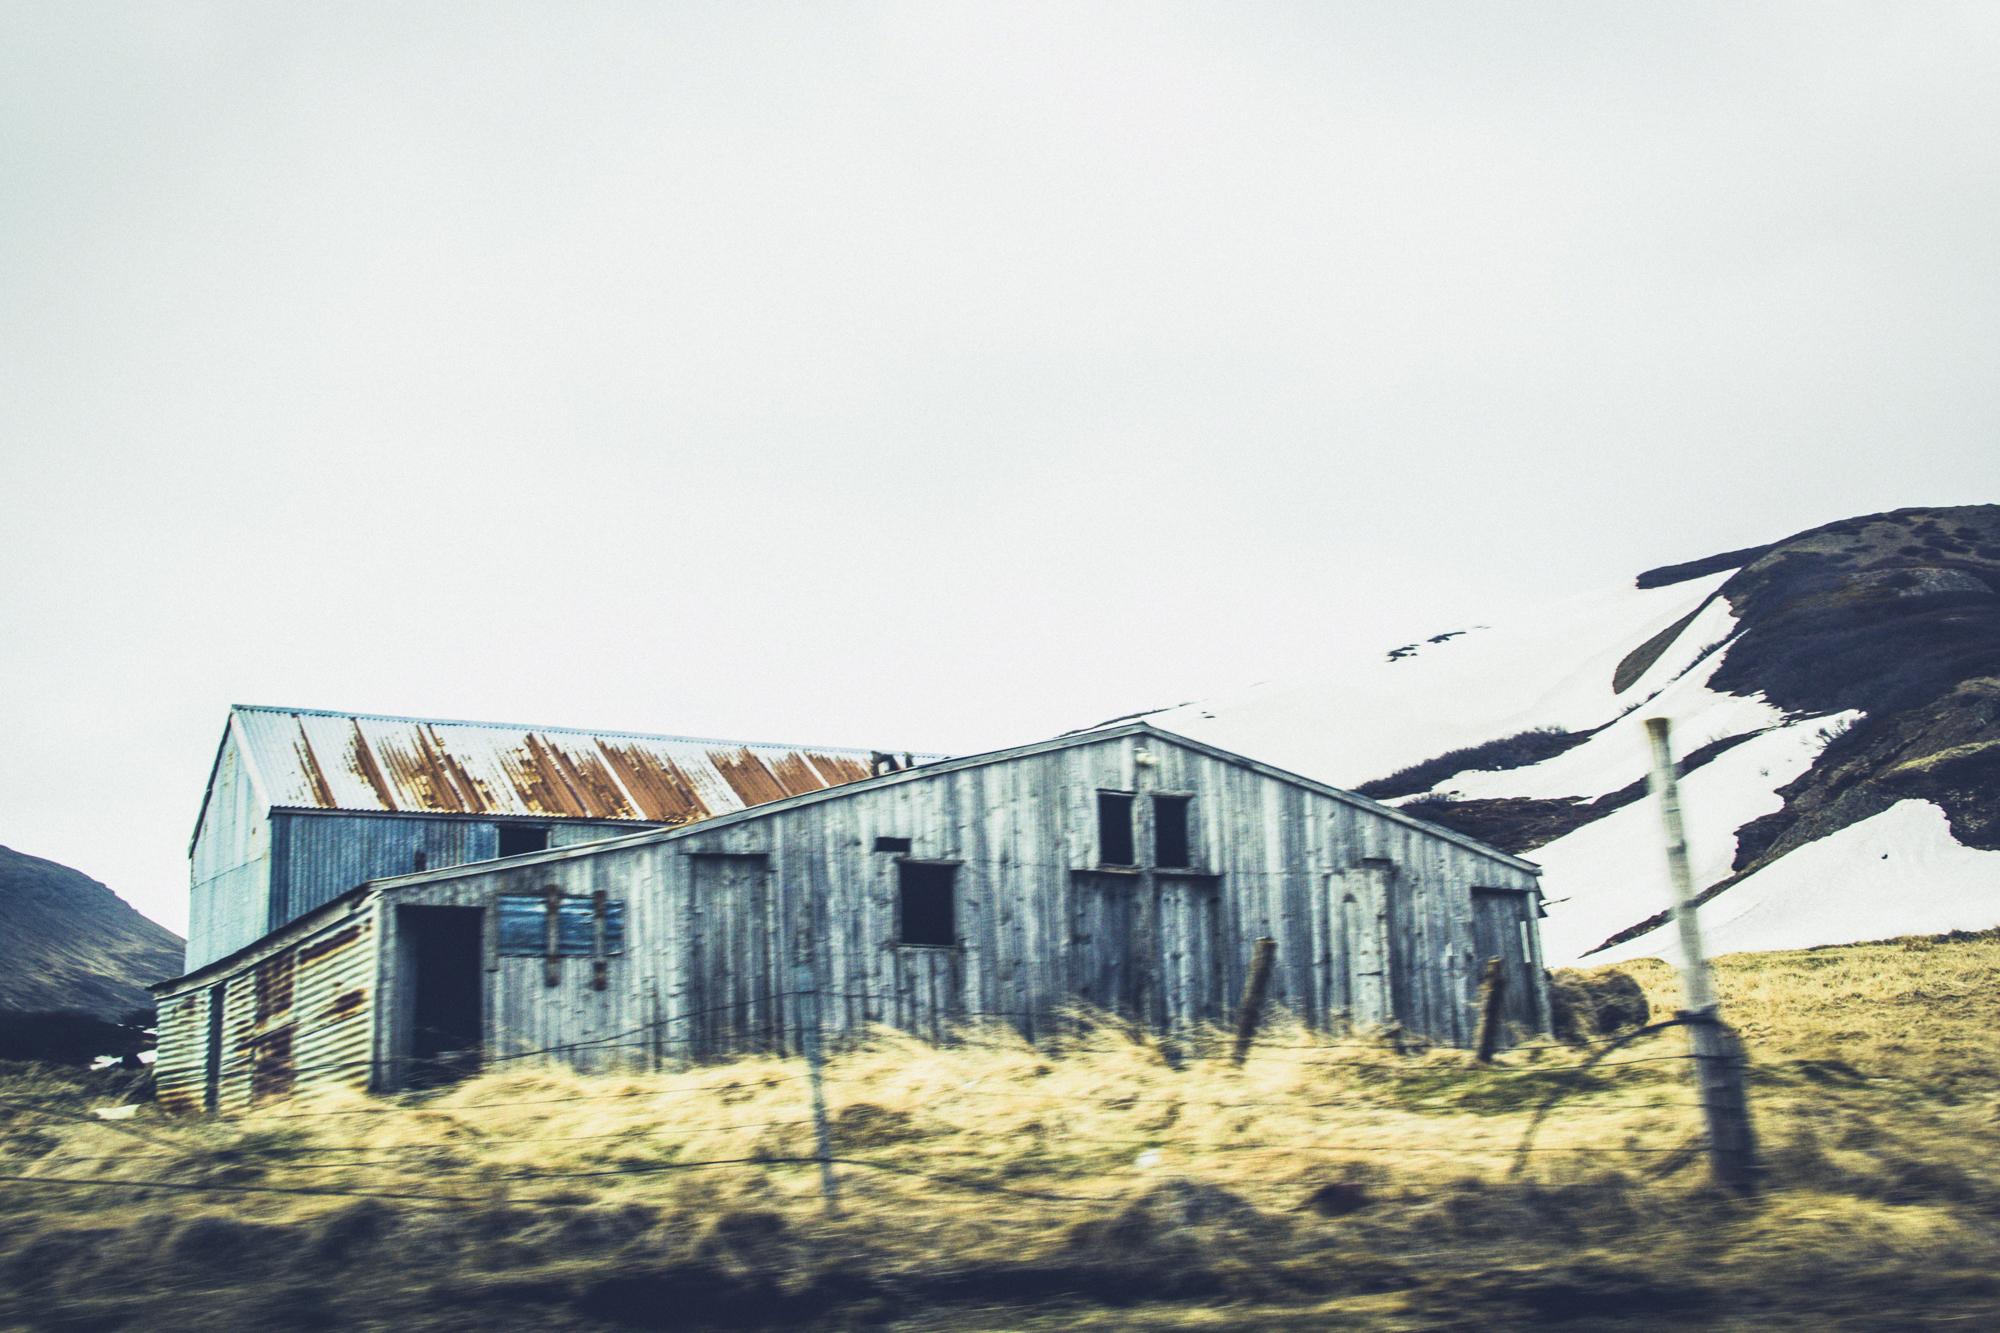 Forgotten-Farmhouse-Forsaken-HEYDT.jpg